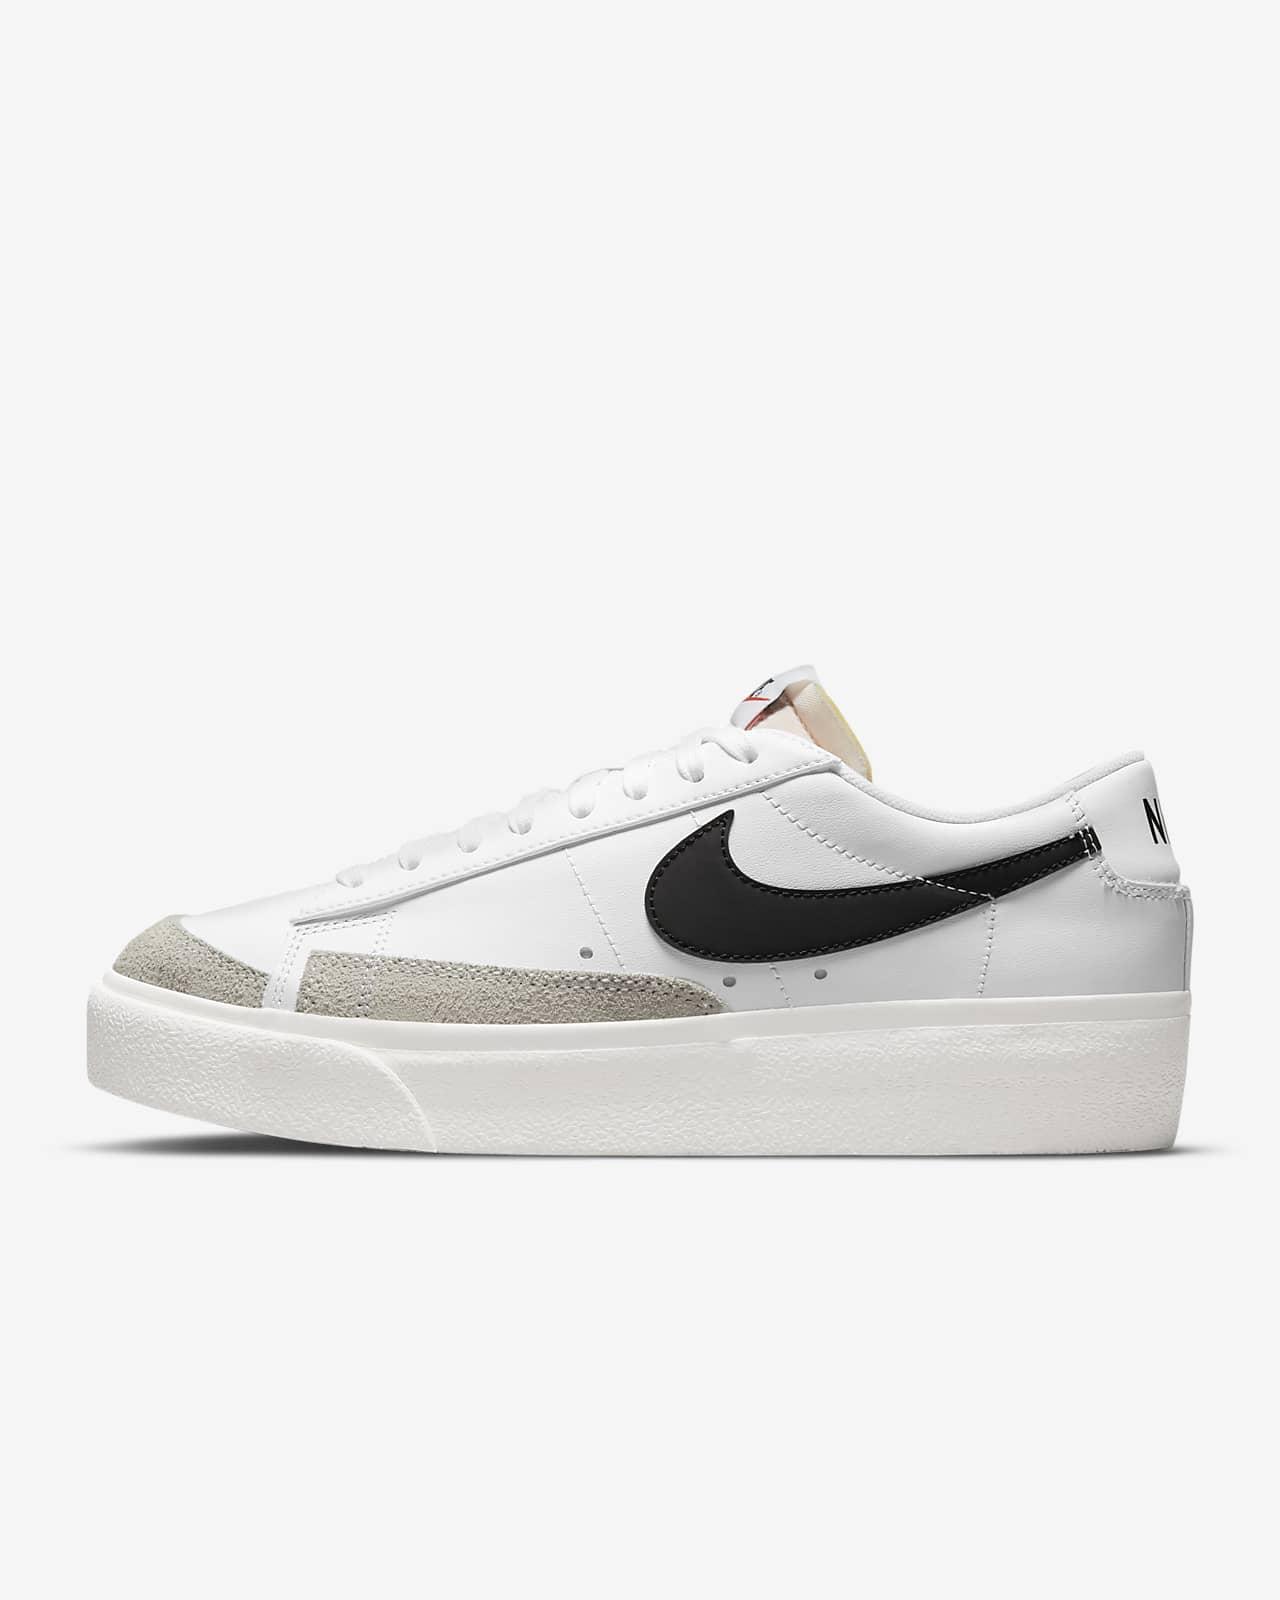 Nike Blazer Low Platform Kadın Ayakkabısı